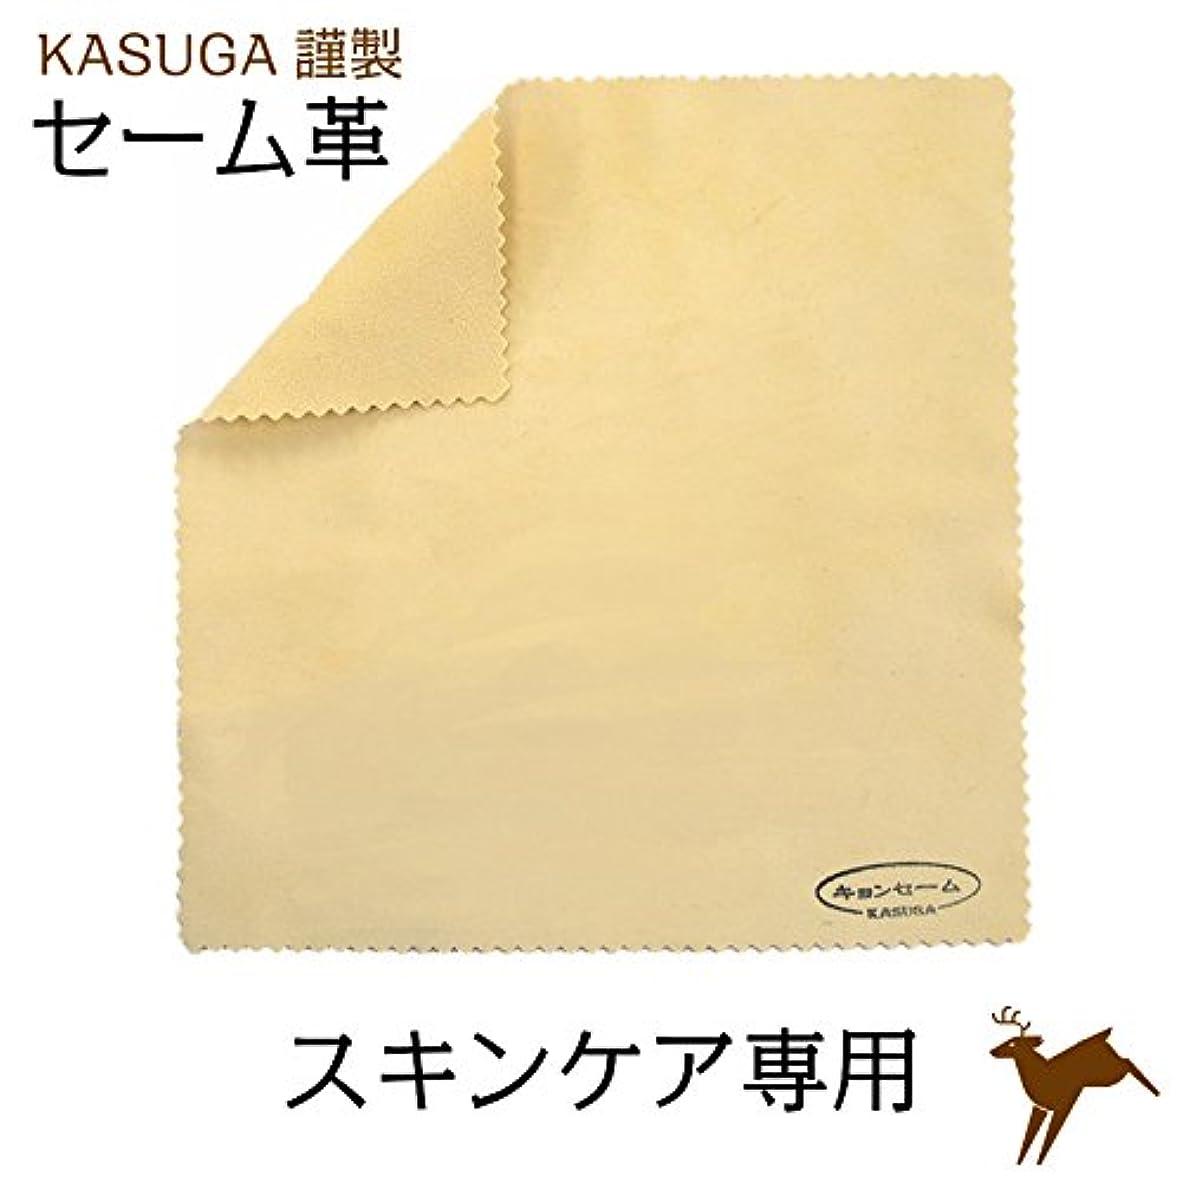 電子レンジまつげ脅威春日カスガ謹製 スキンケア専用キョンセーム革 20cm×20cm 3???